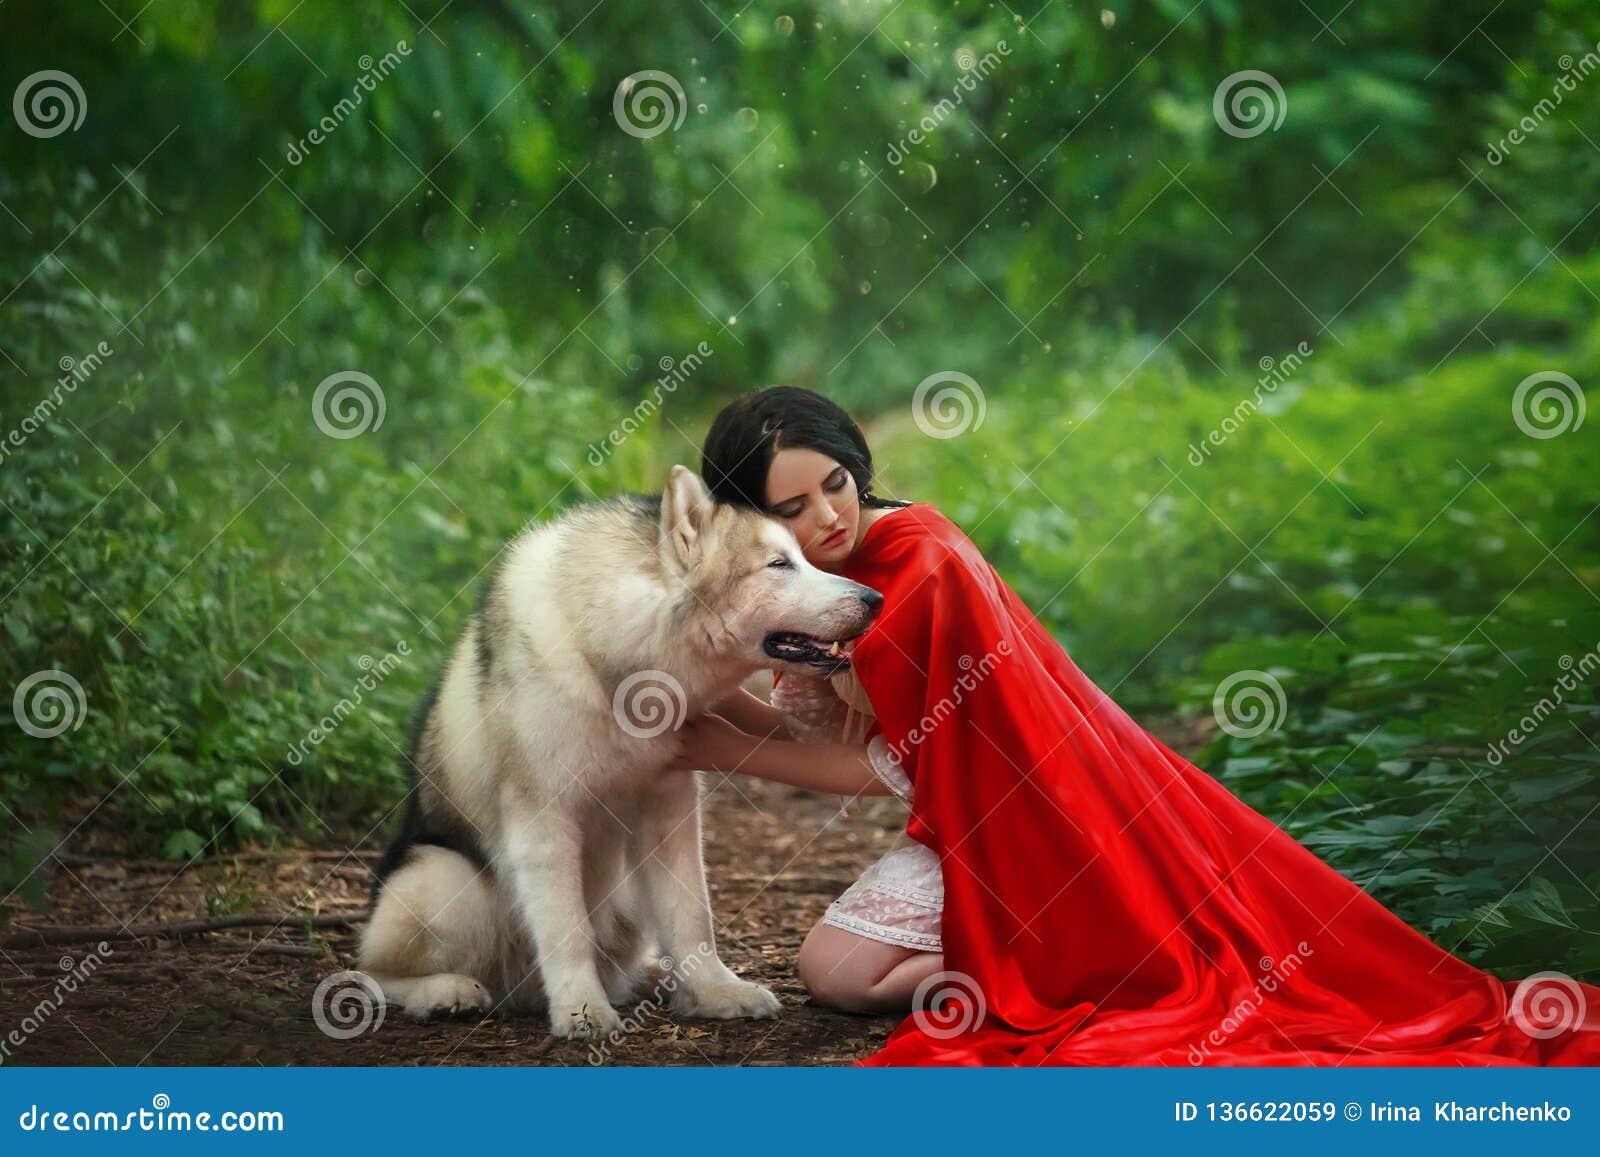 Het fabelachtige beeld, donker-haired donkerbruine aantrekkelijke dame in plotseling witte kleding, lange rode scharlaken mantel